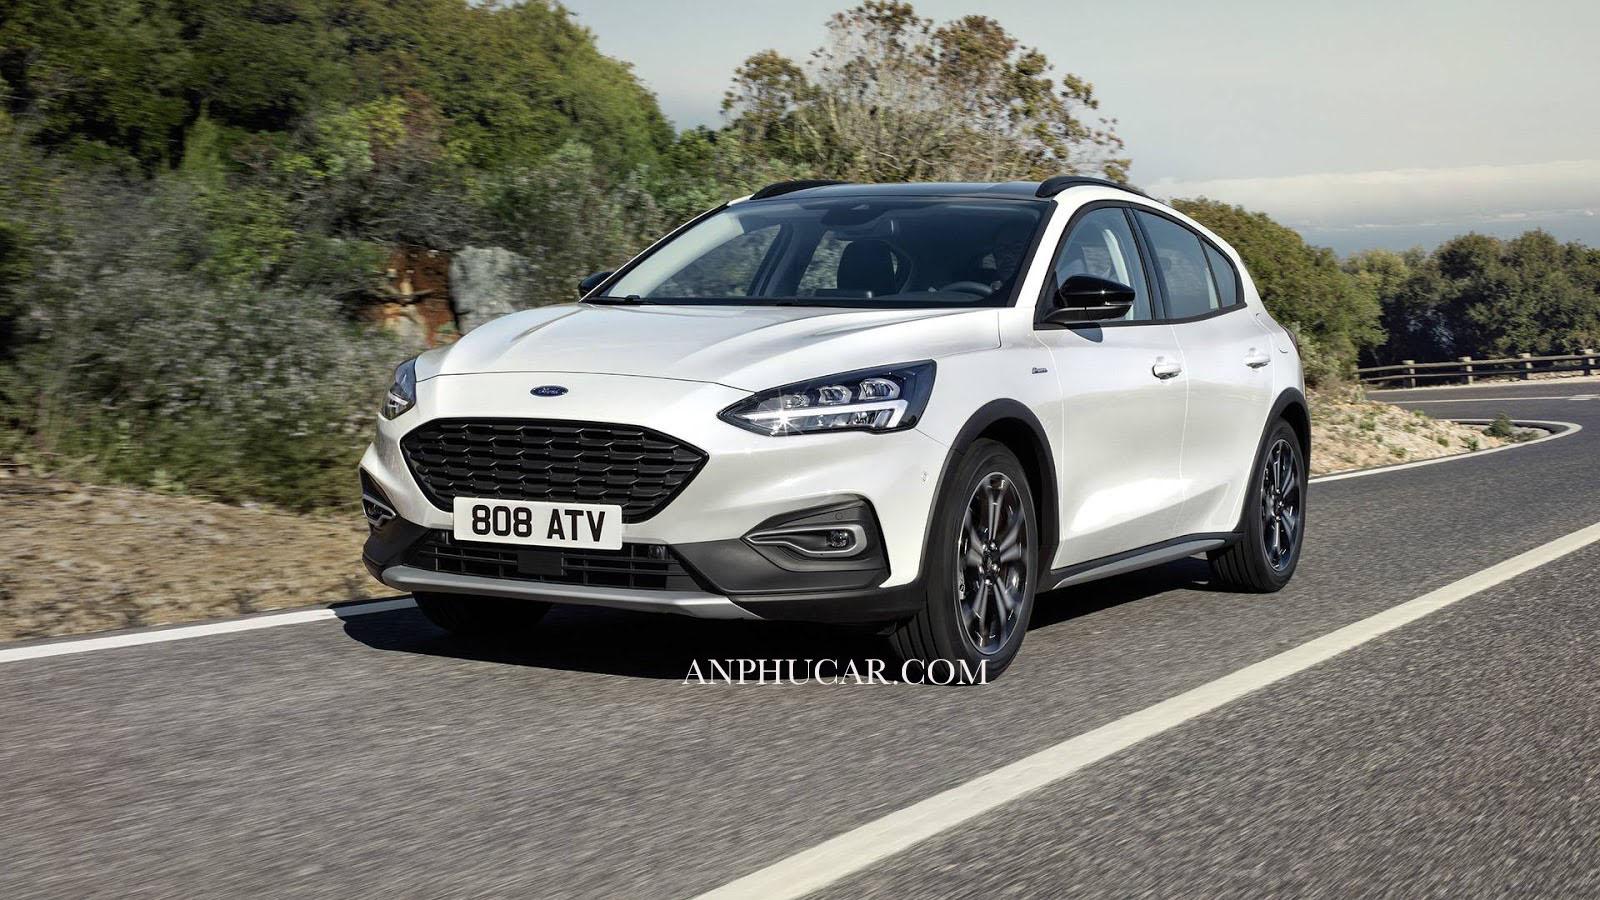 Khả năng vận hành xe Ford Focus 2019